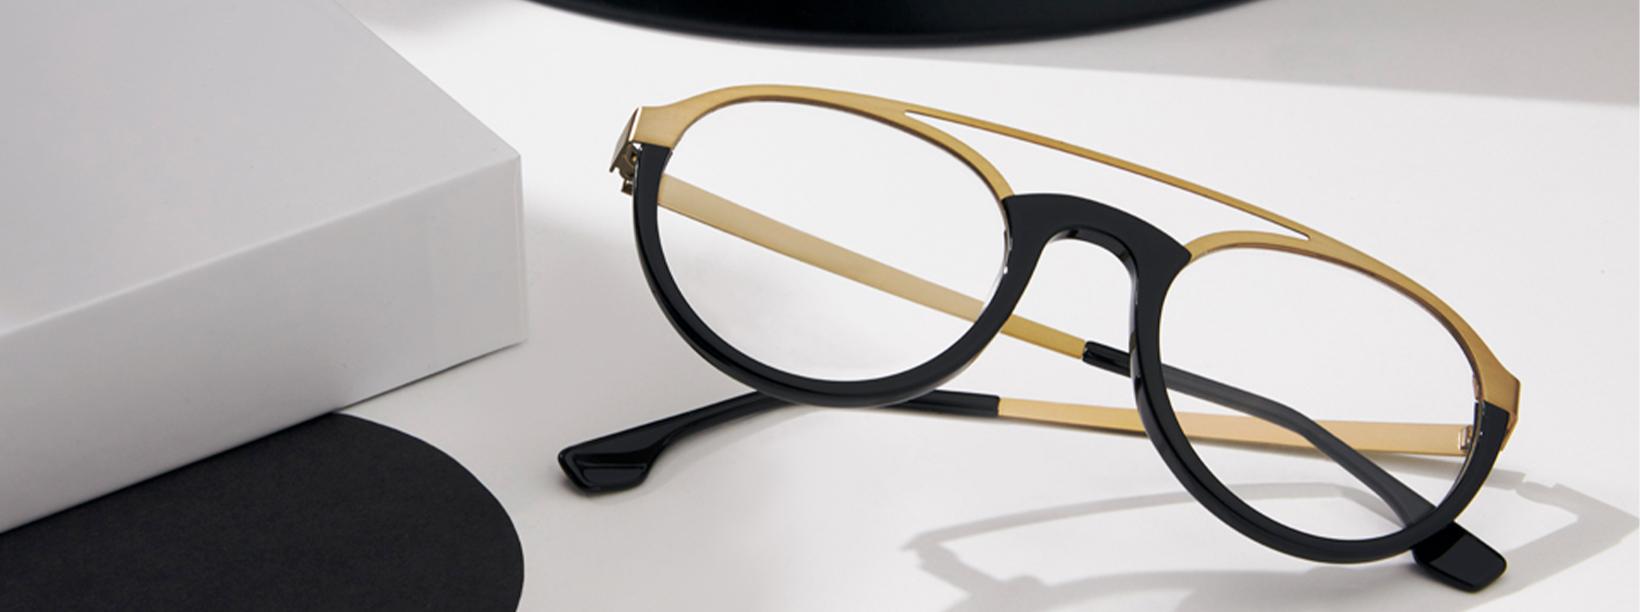 Groupe Vision New Look : au-delà du commerce de détail